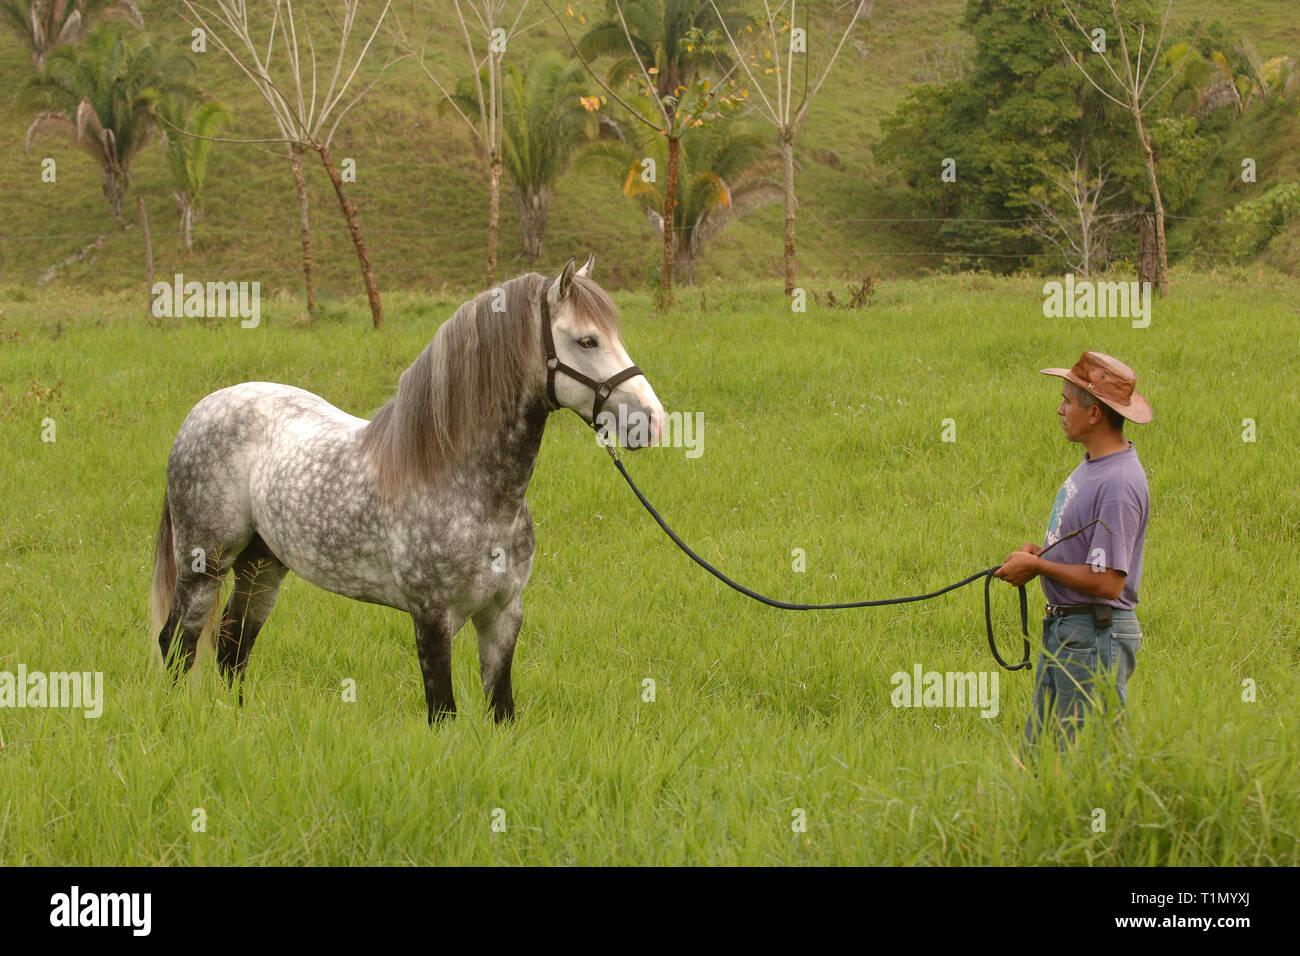 Man drills a Criollo horse, Stud farm, Guanacaste, Costa Rica Stock Photo